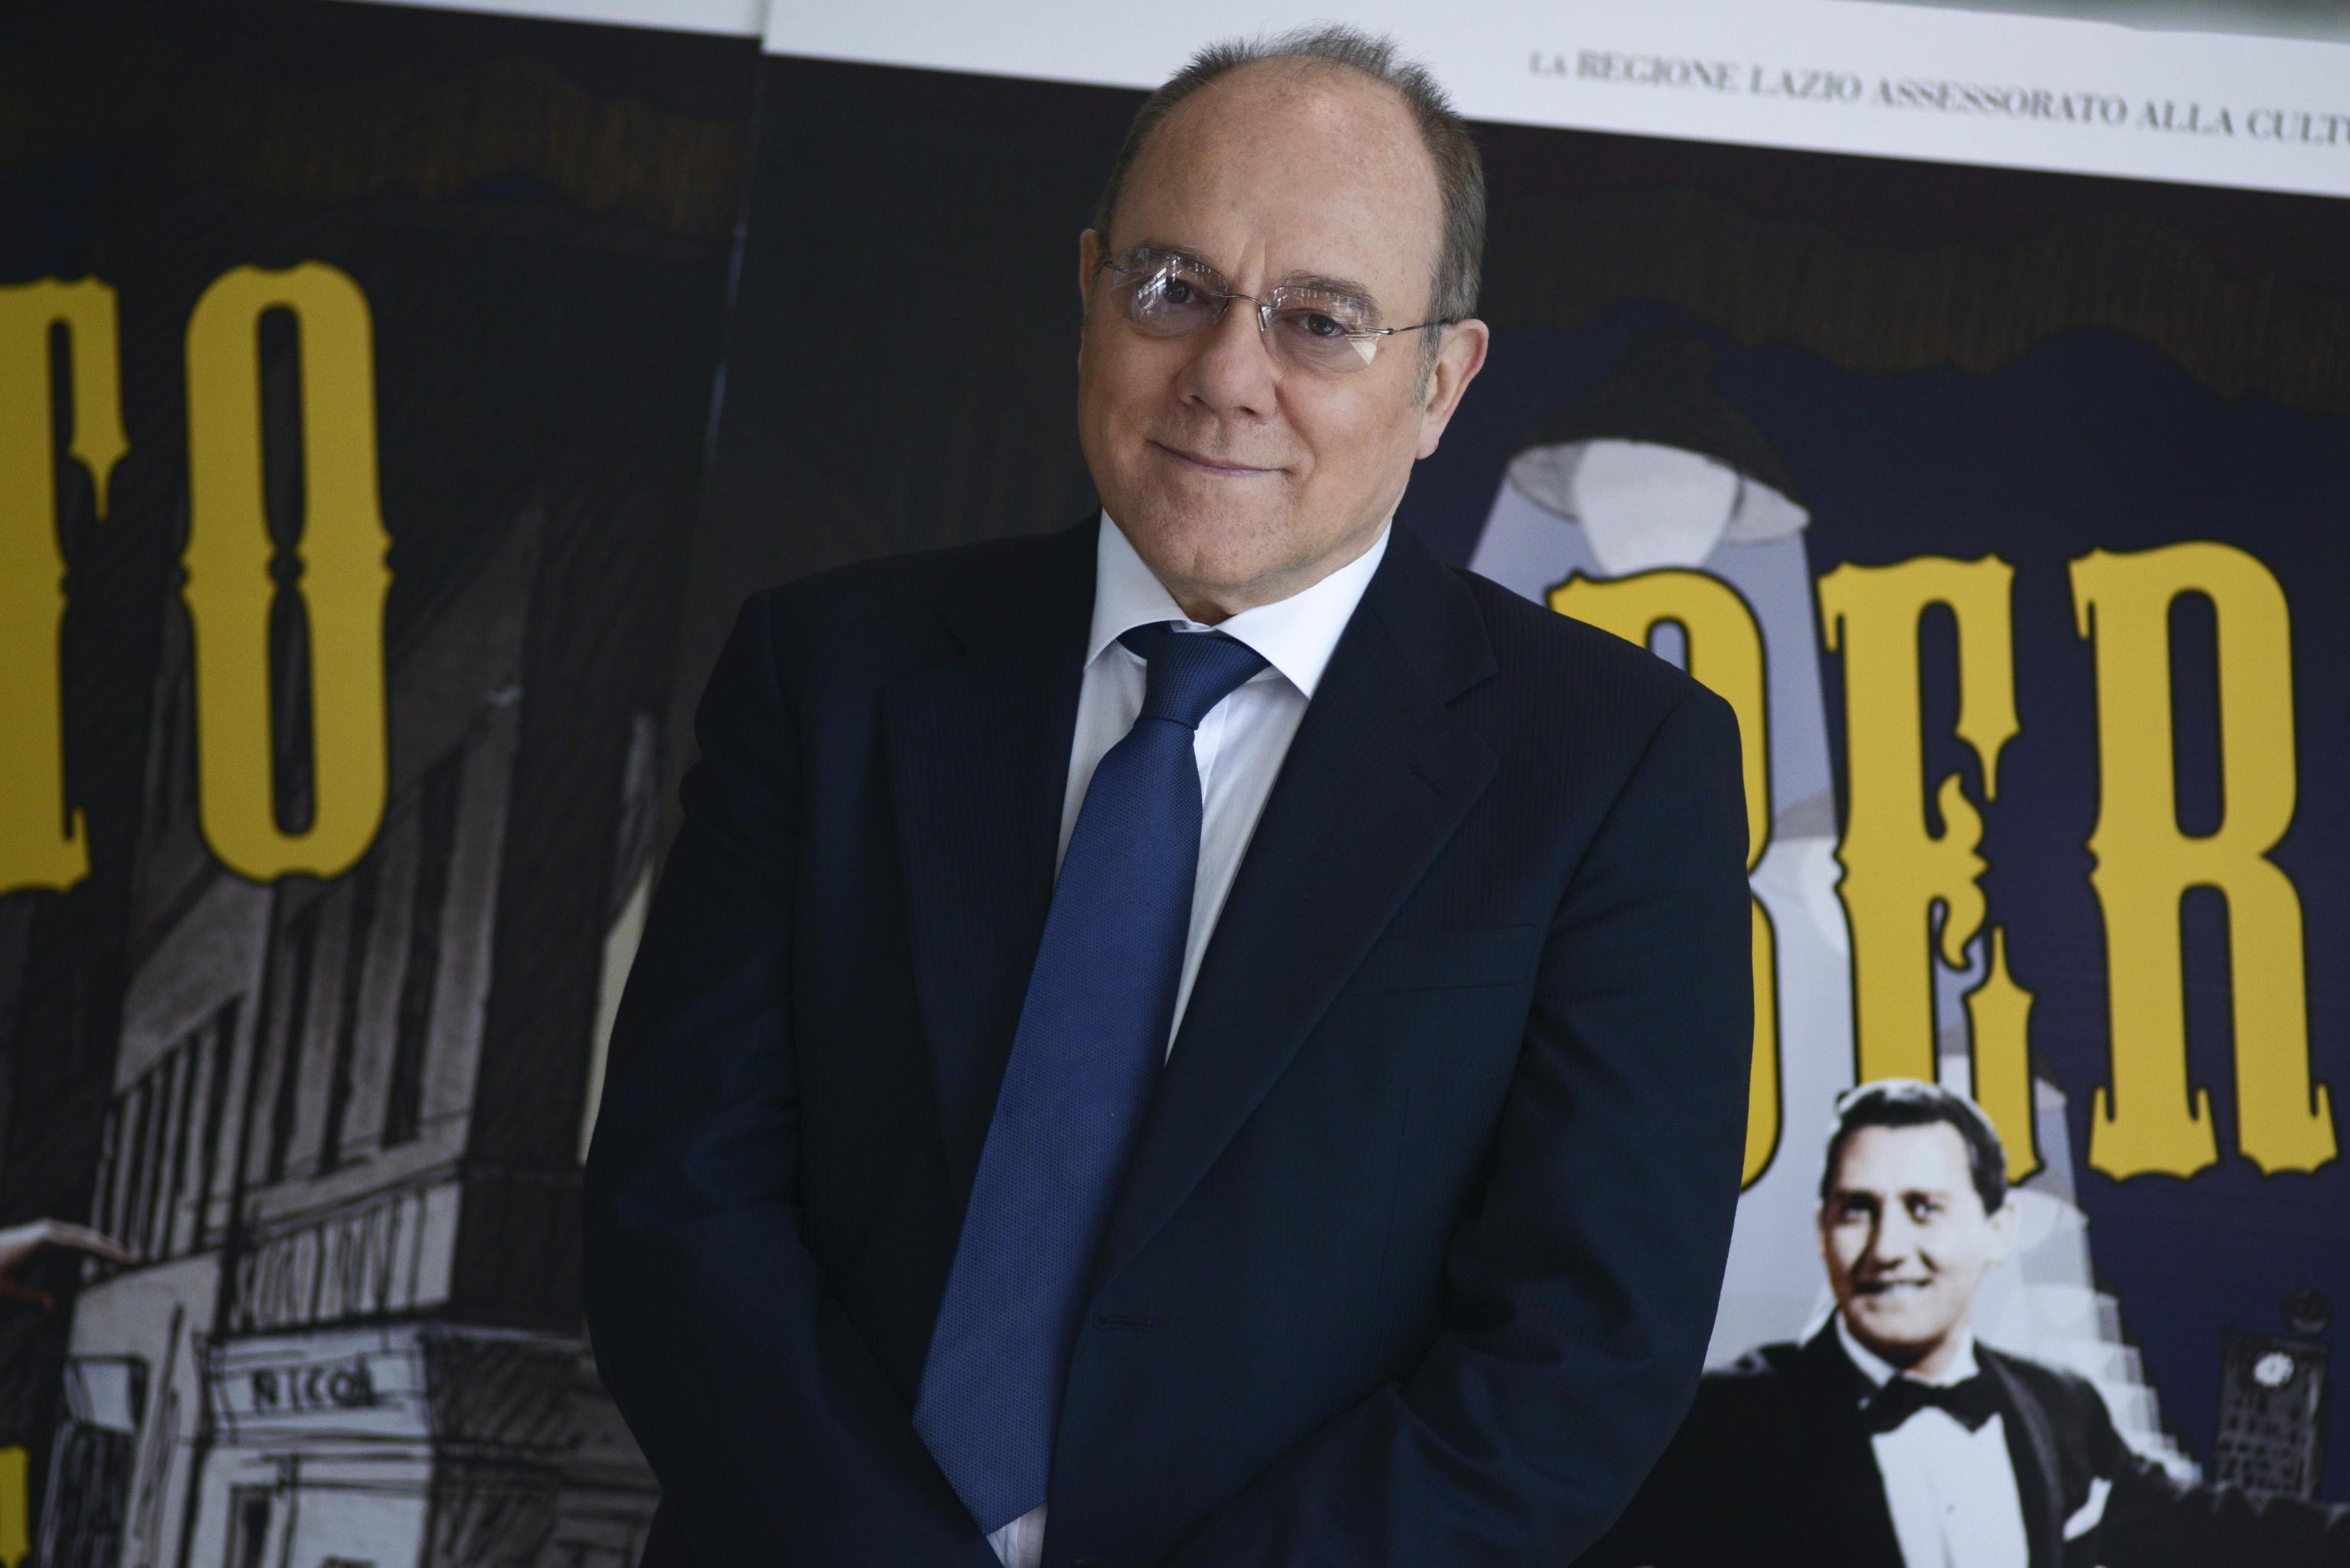 Carlo e Luca Verdone presentano documentario su Alberto Sordi 02